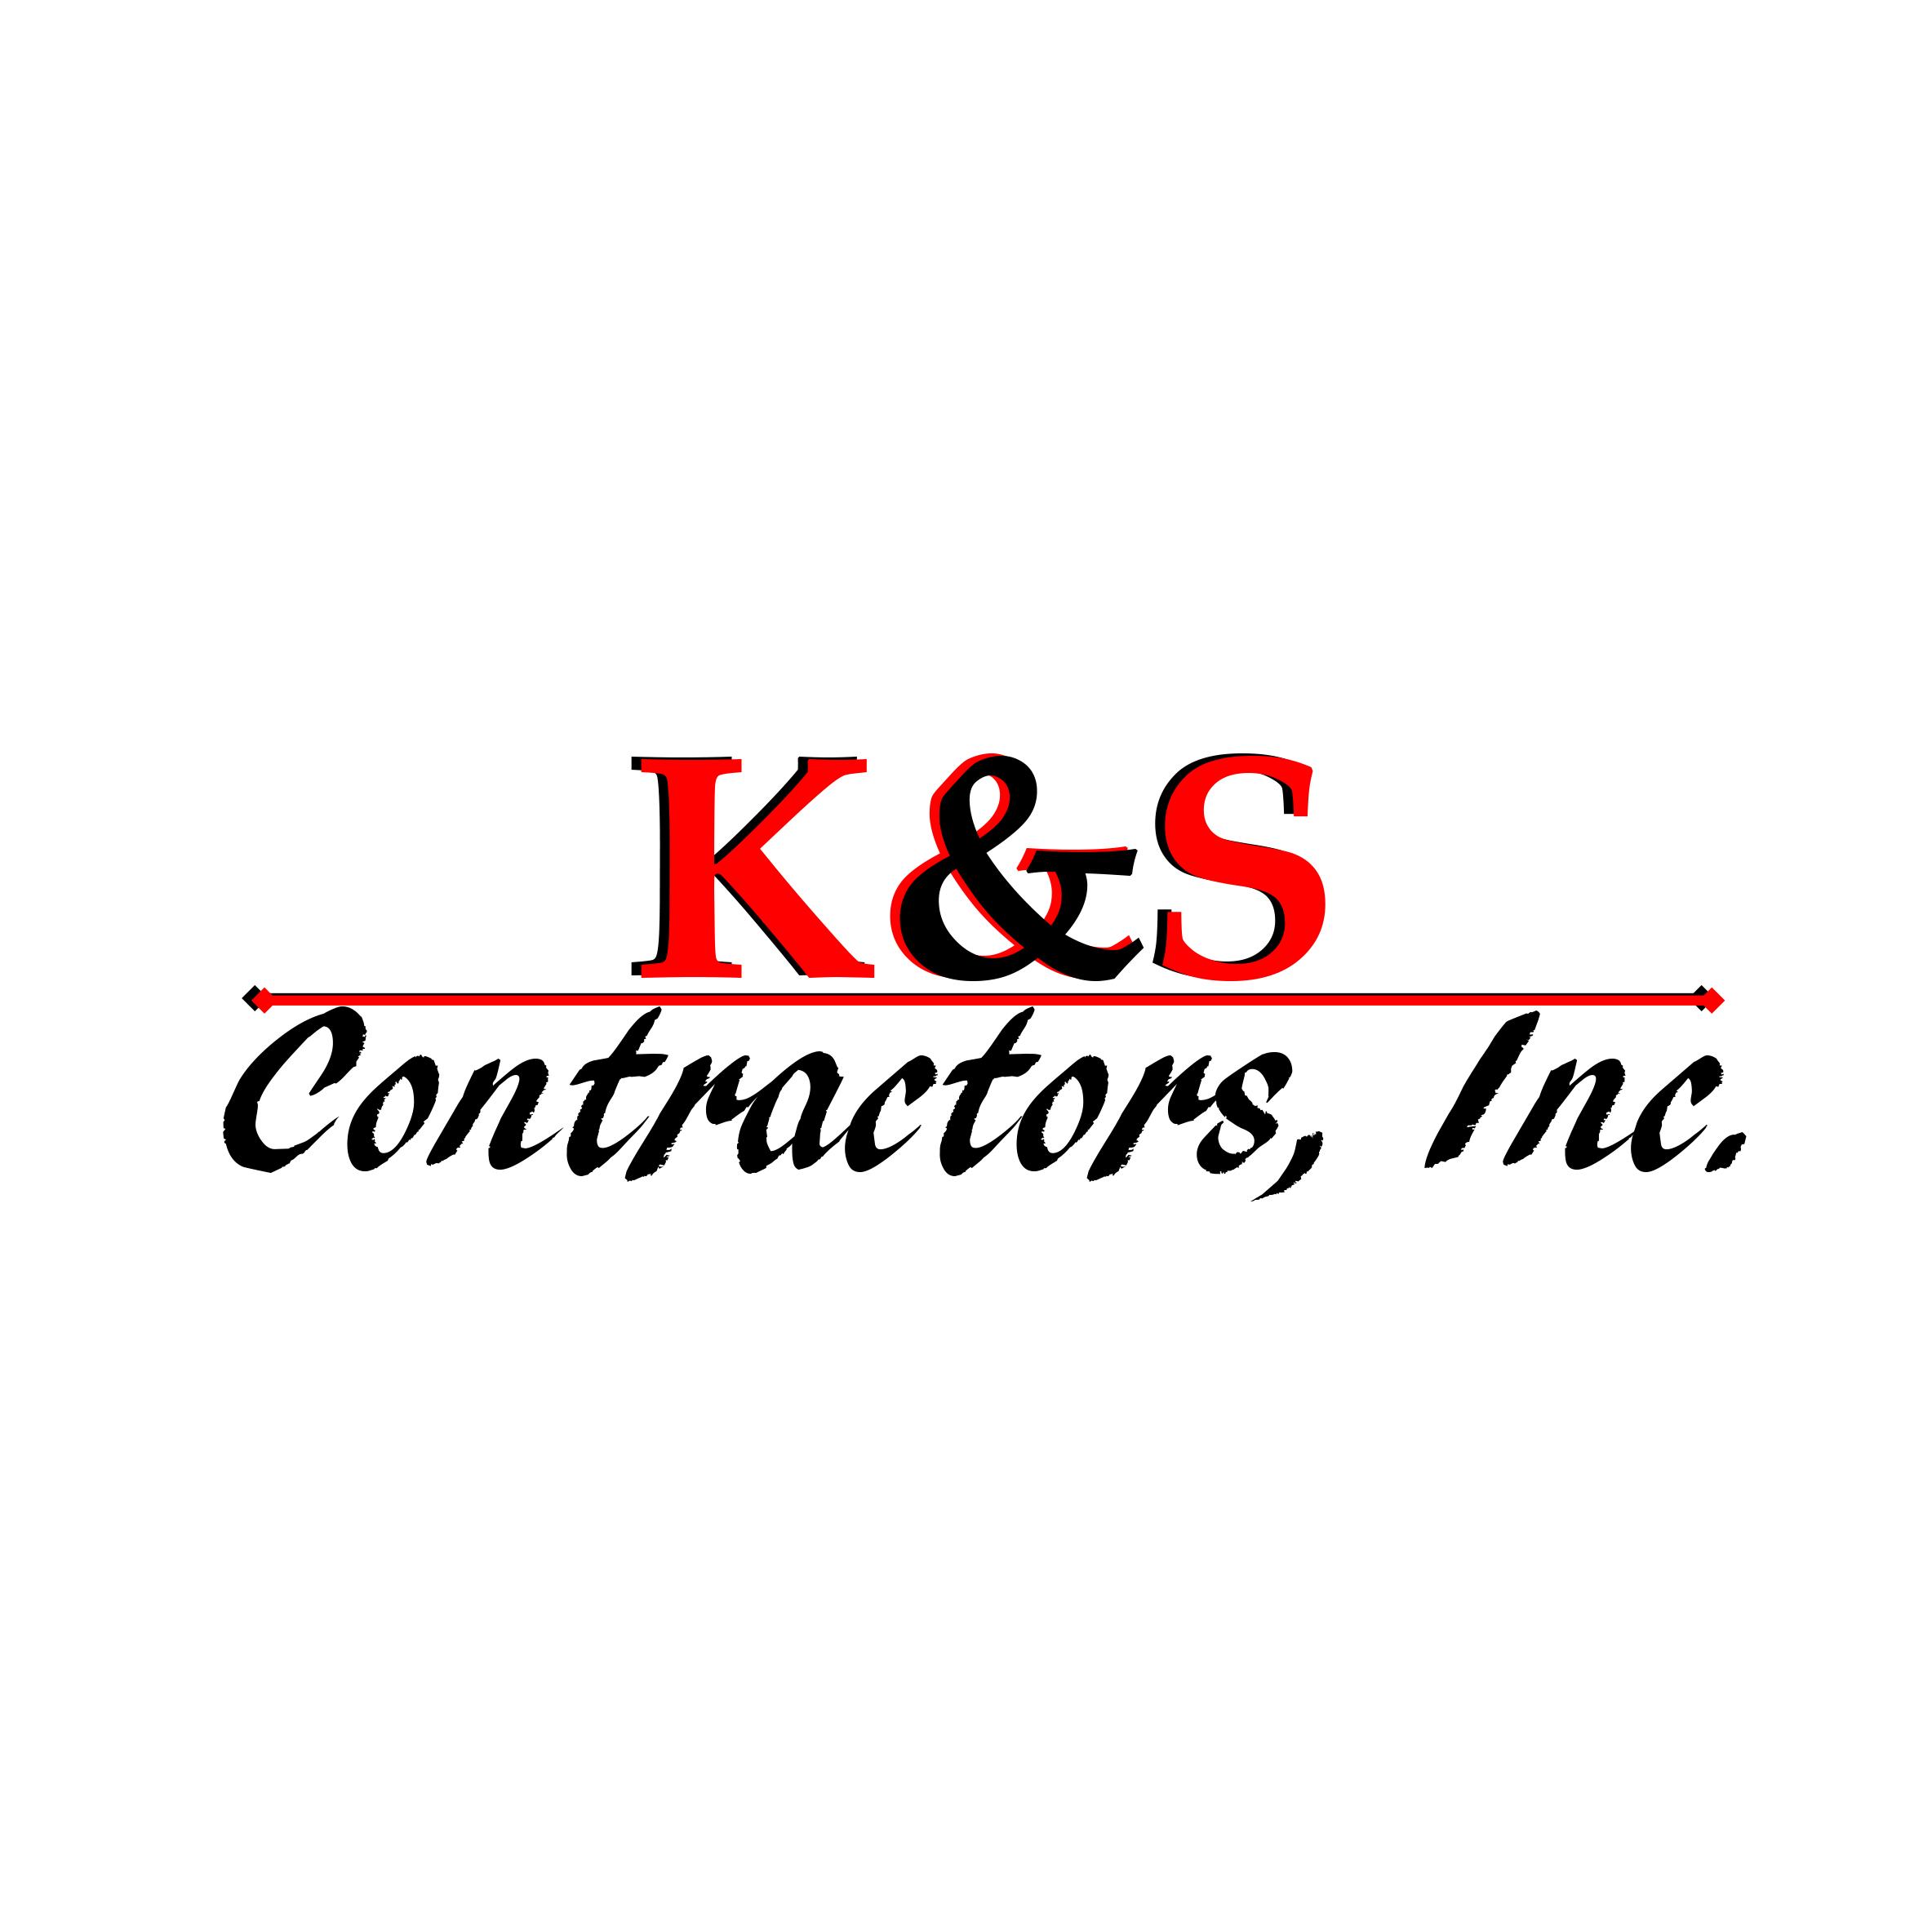 K & S Contractors, Inc image 1